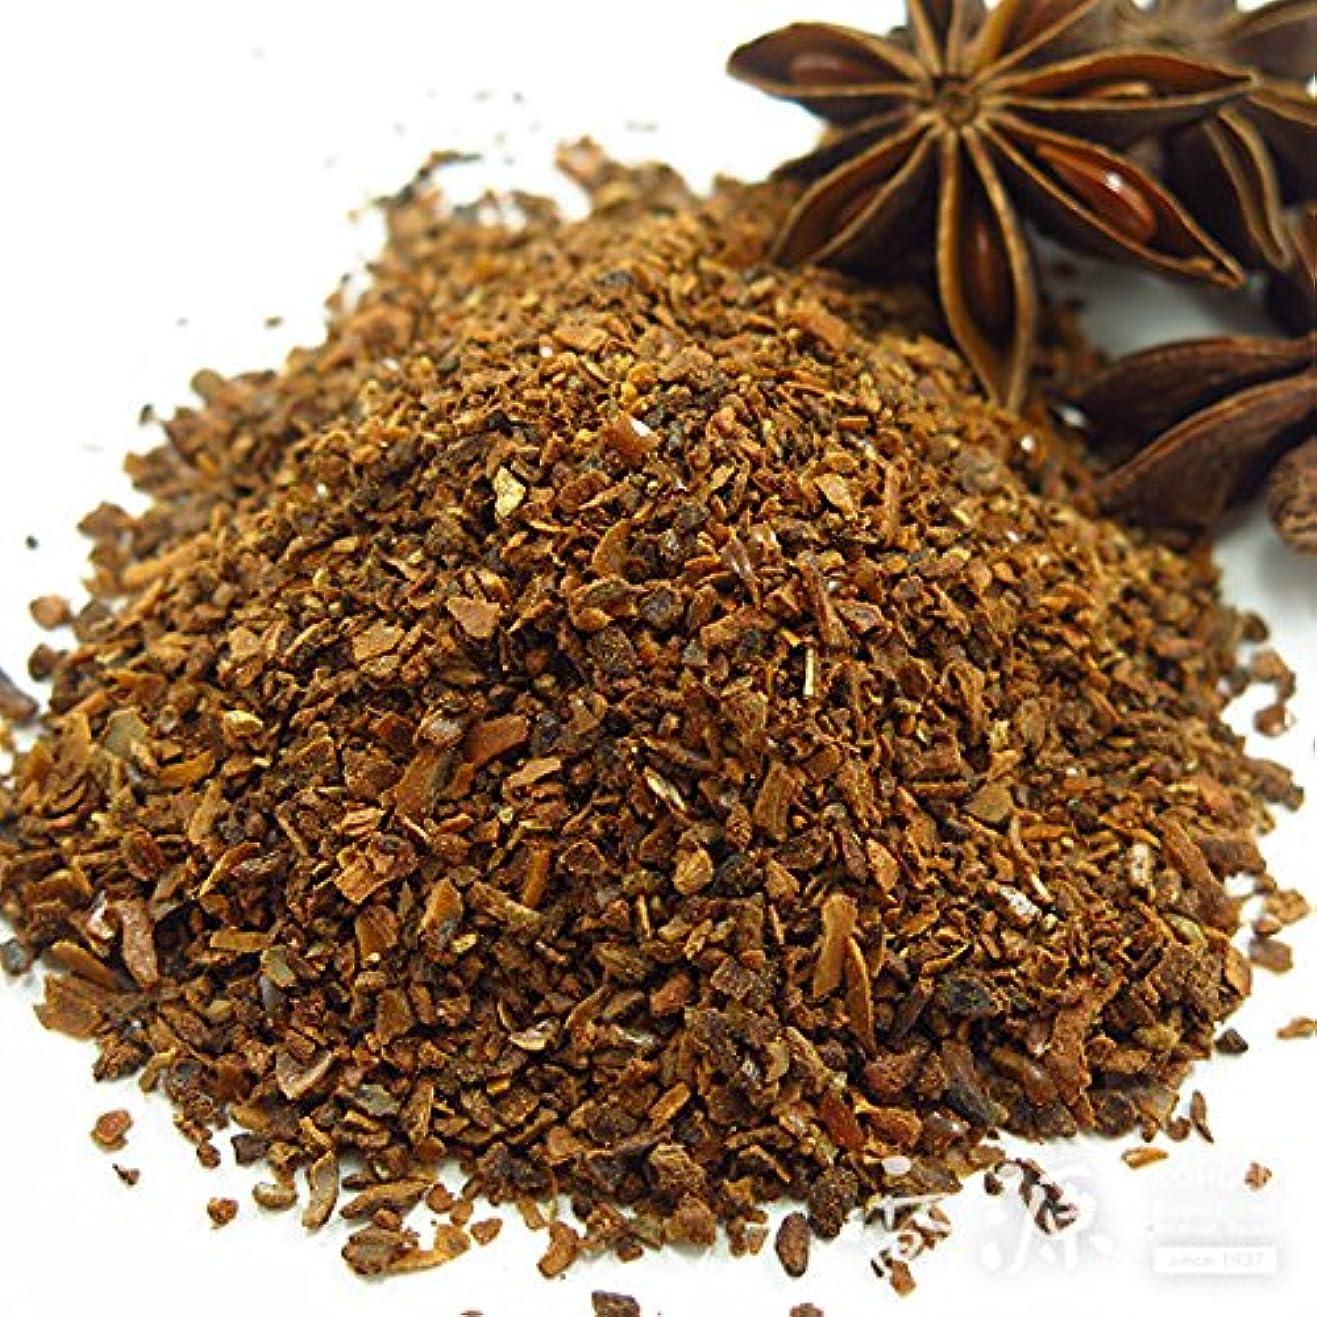 関税スライスバドミントン匂い袋原料 大茴香 刻み 10g